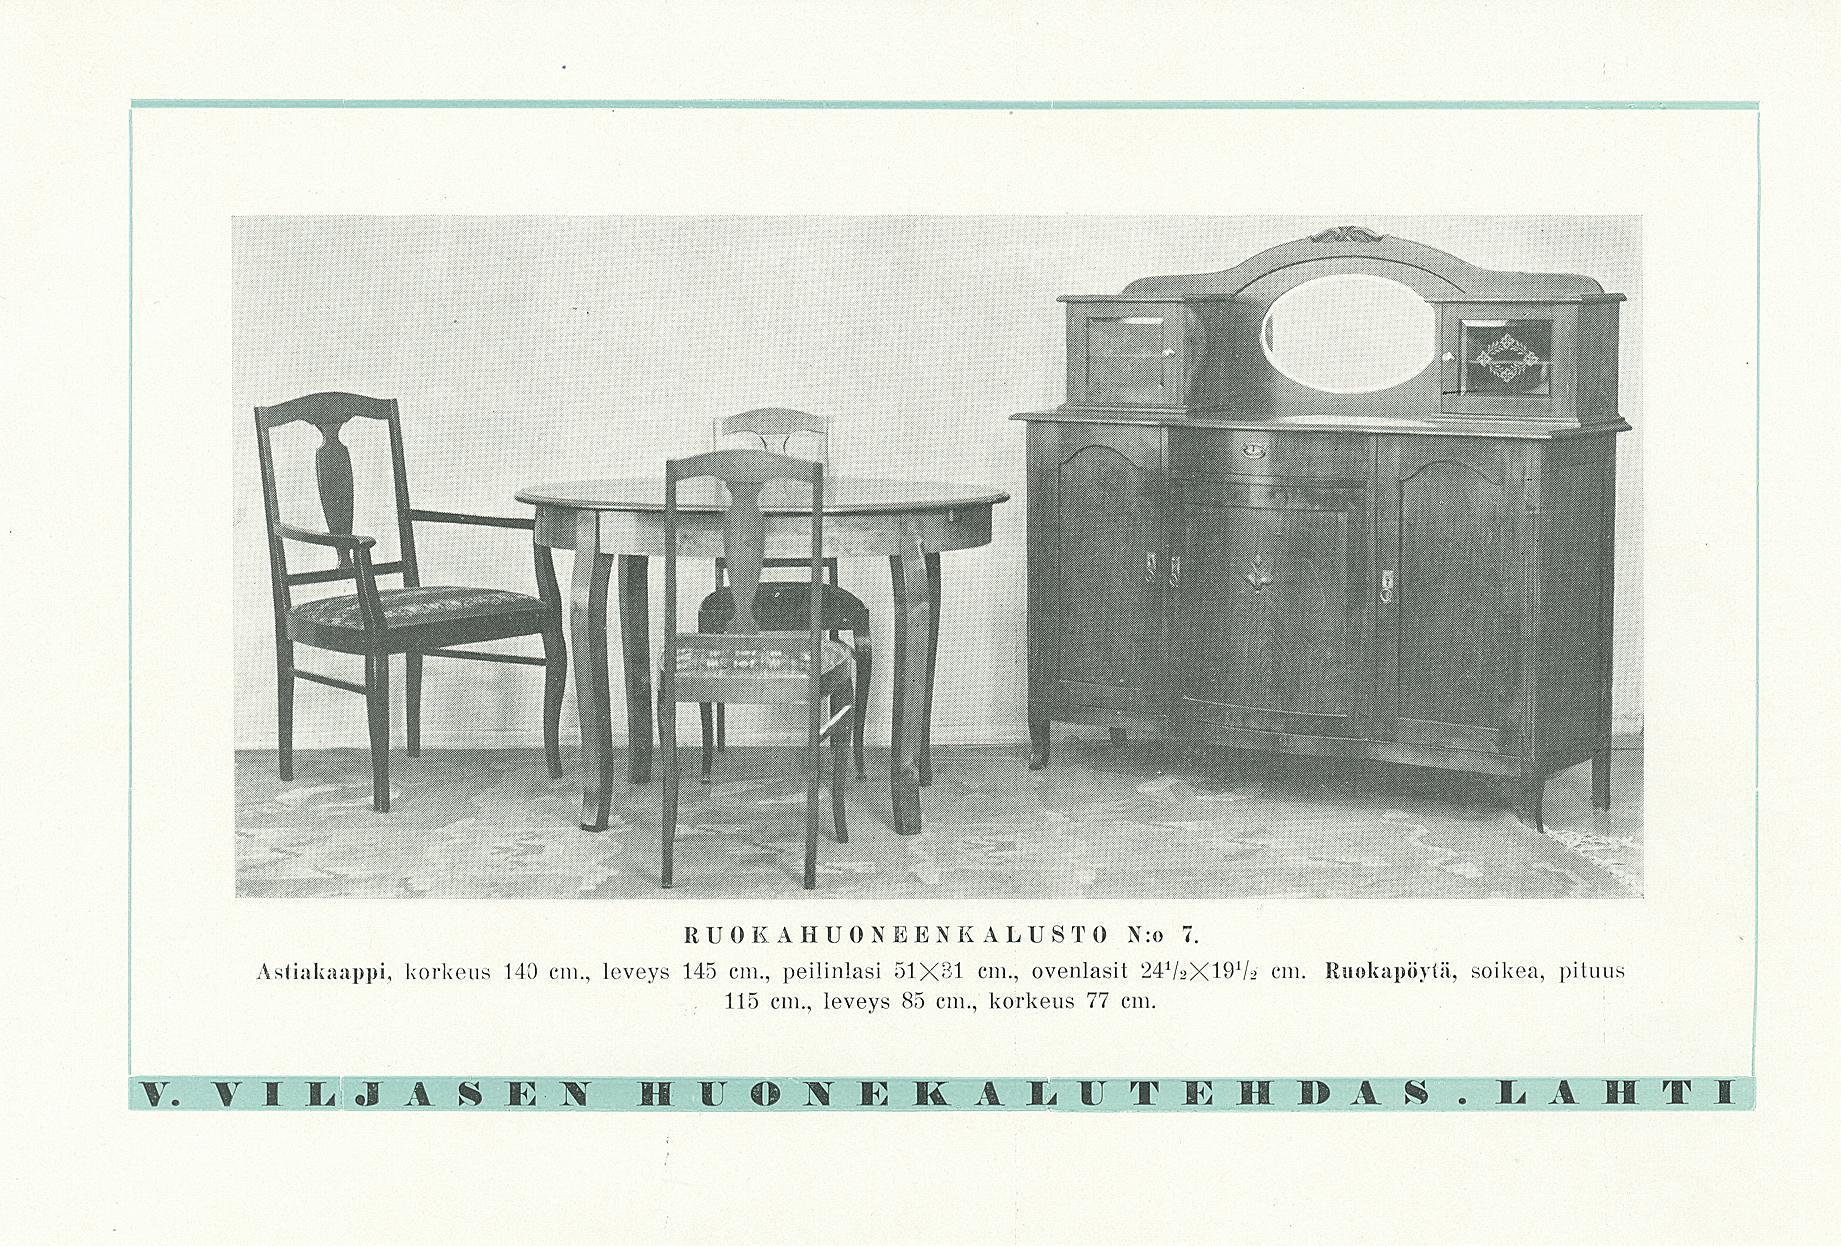 Lipasto jossa hiottu lasi 1937